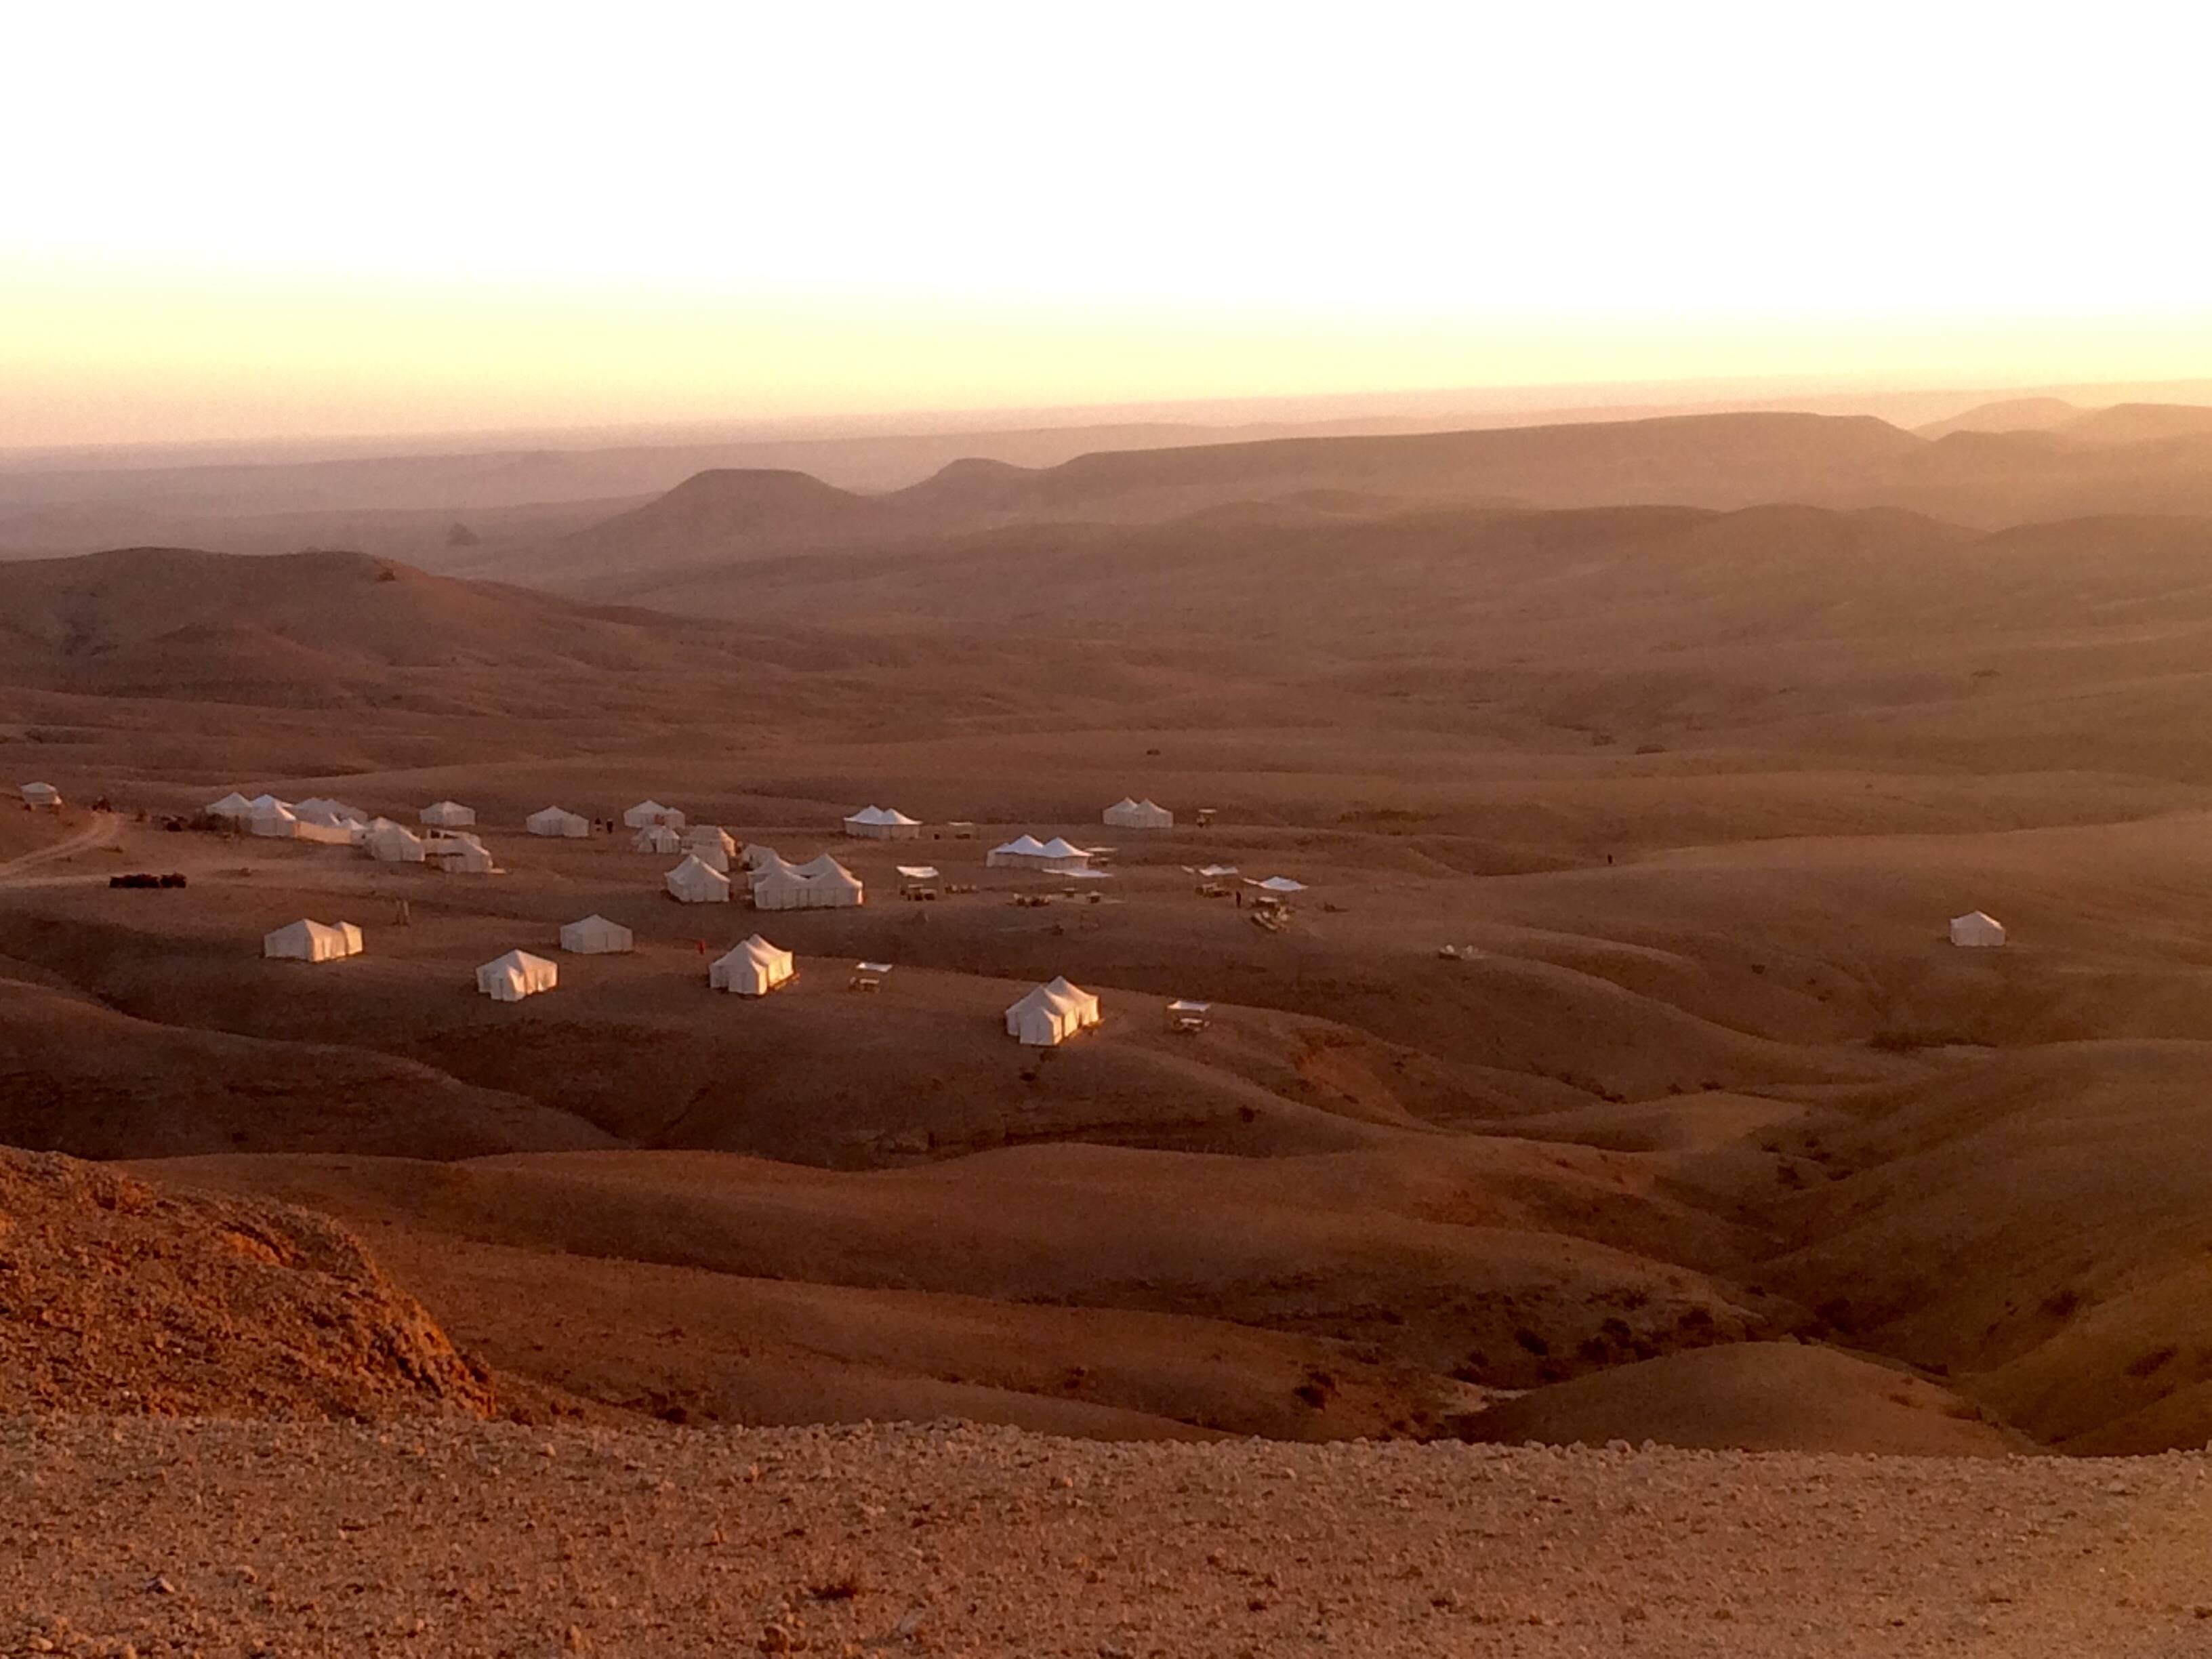 Photo 3: Une nuit dans le désert